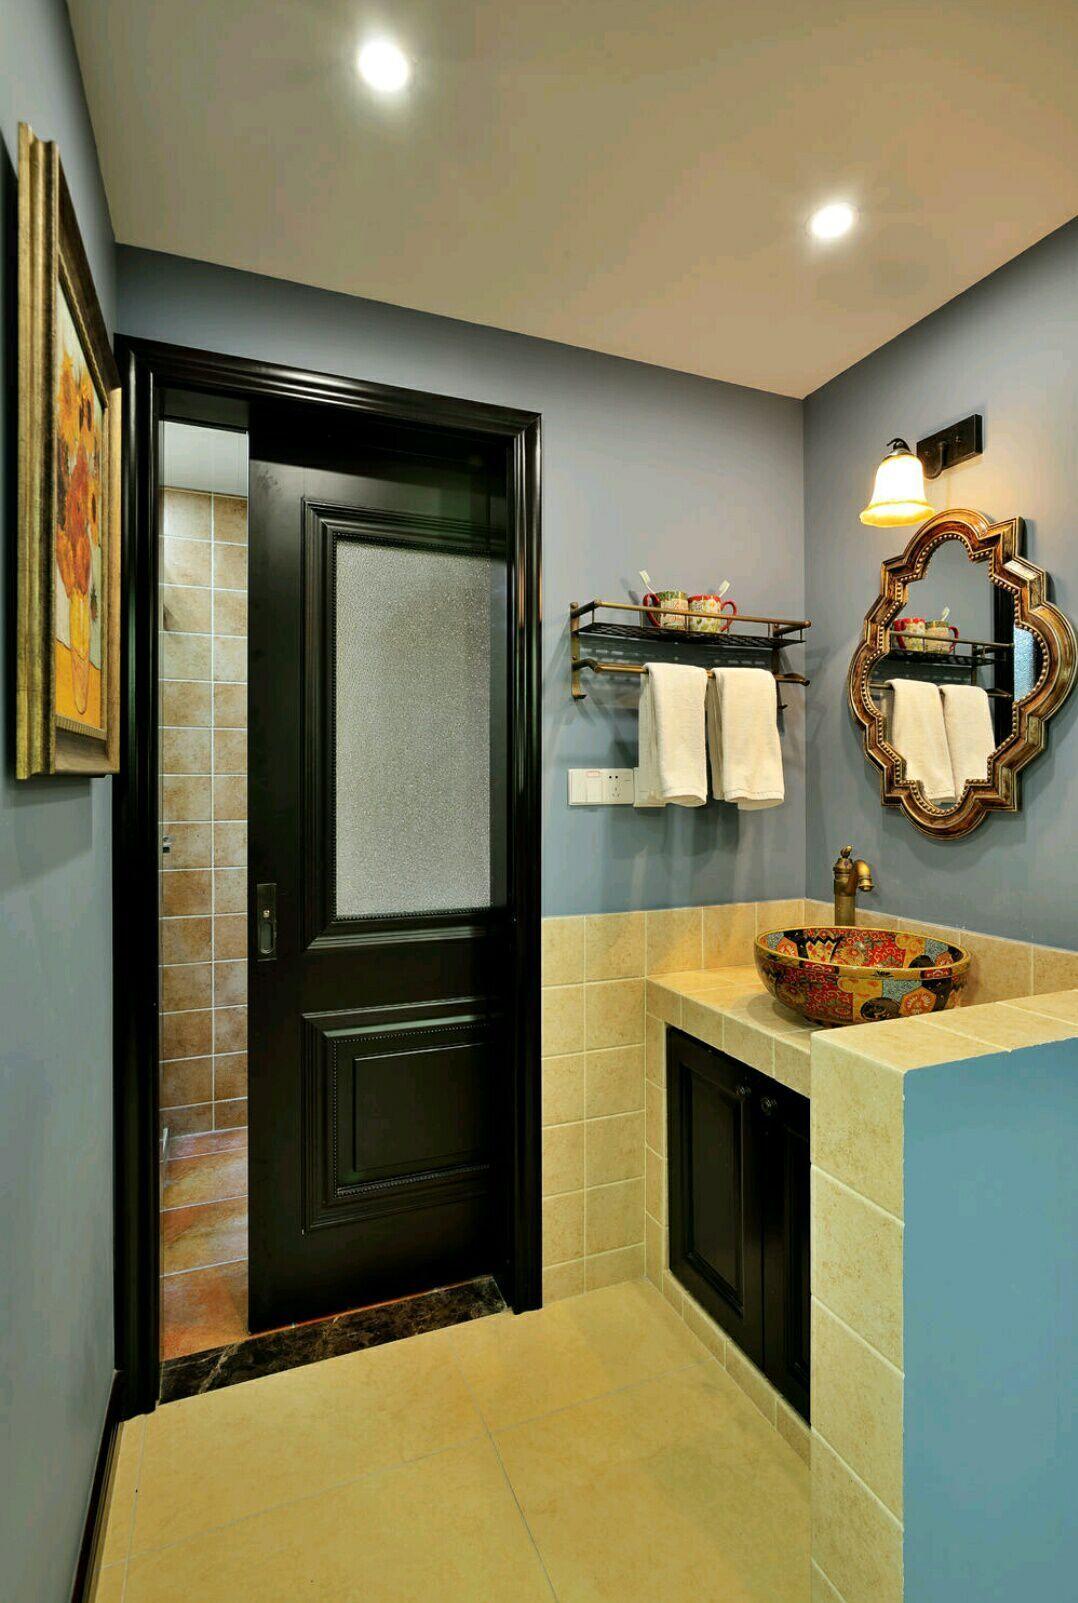 四居室 美式风格 兰亭时代 嘉年华装饰 140平 卫生间图片来自武汉嘉年华装饰在空间感超强的美式风格的分享